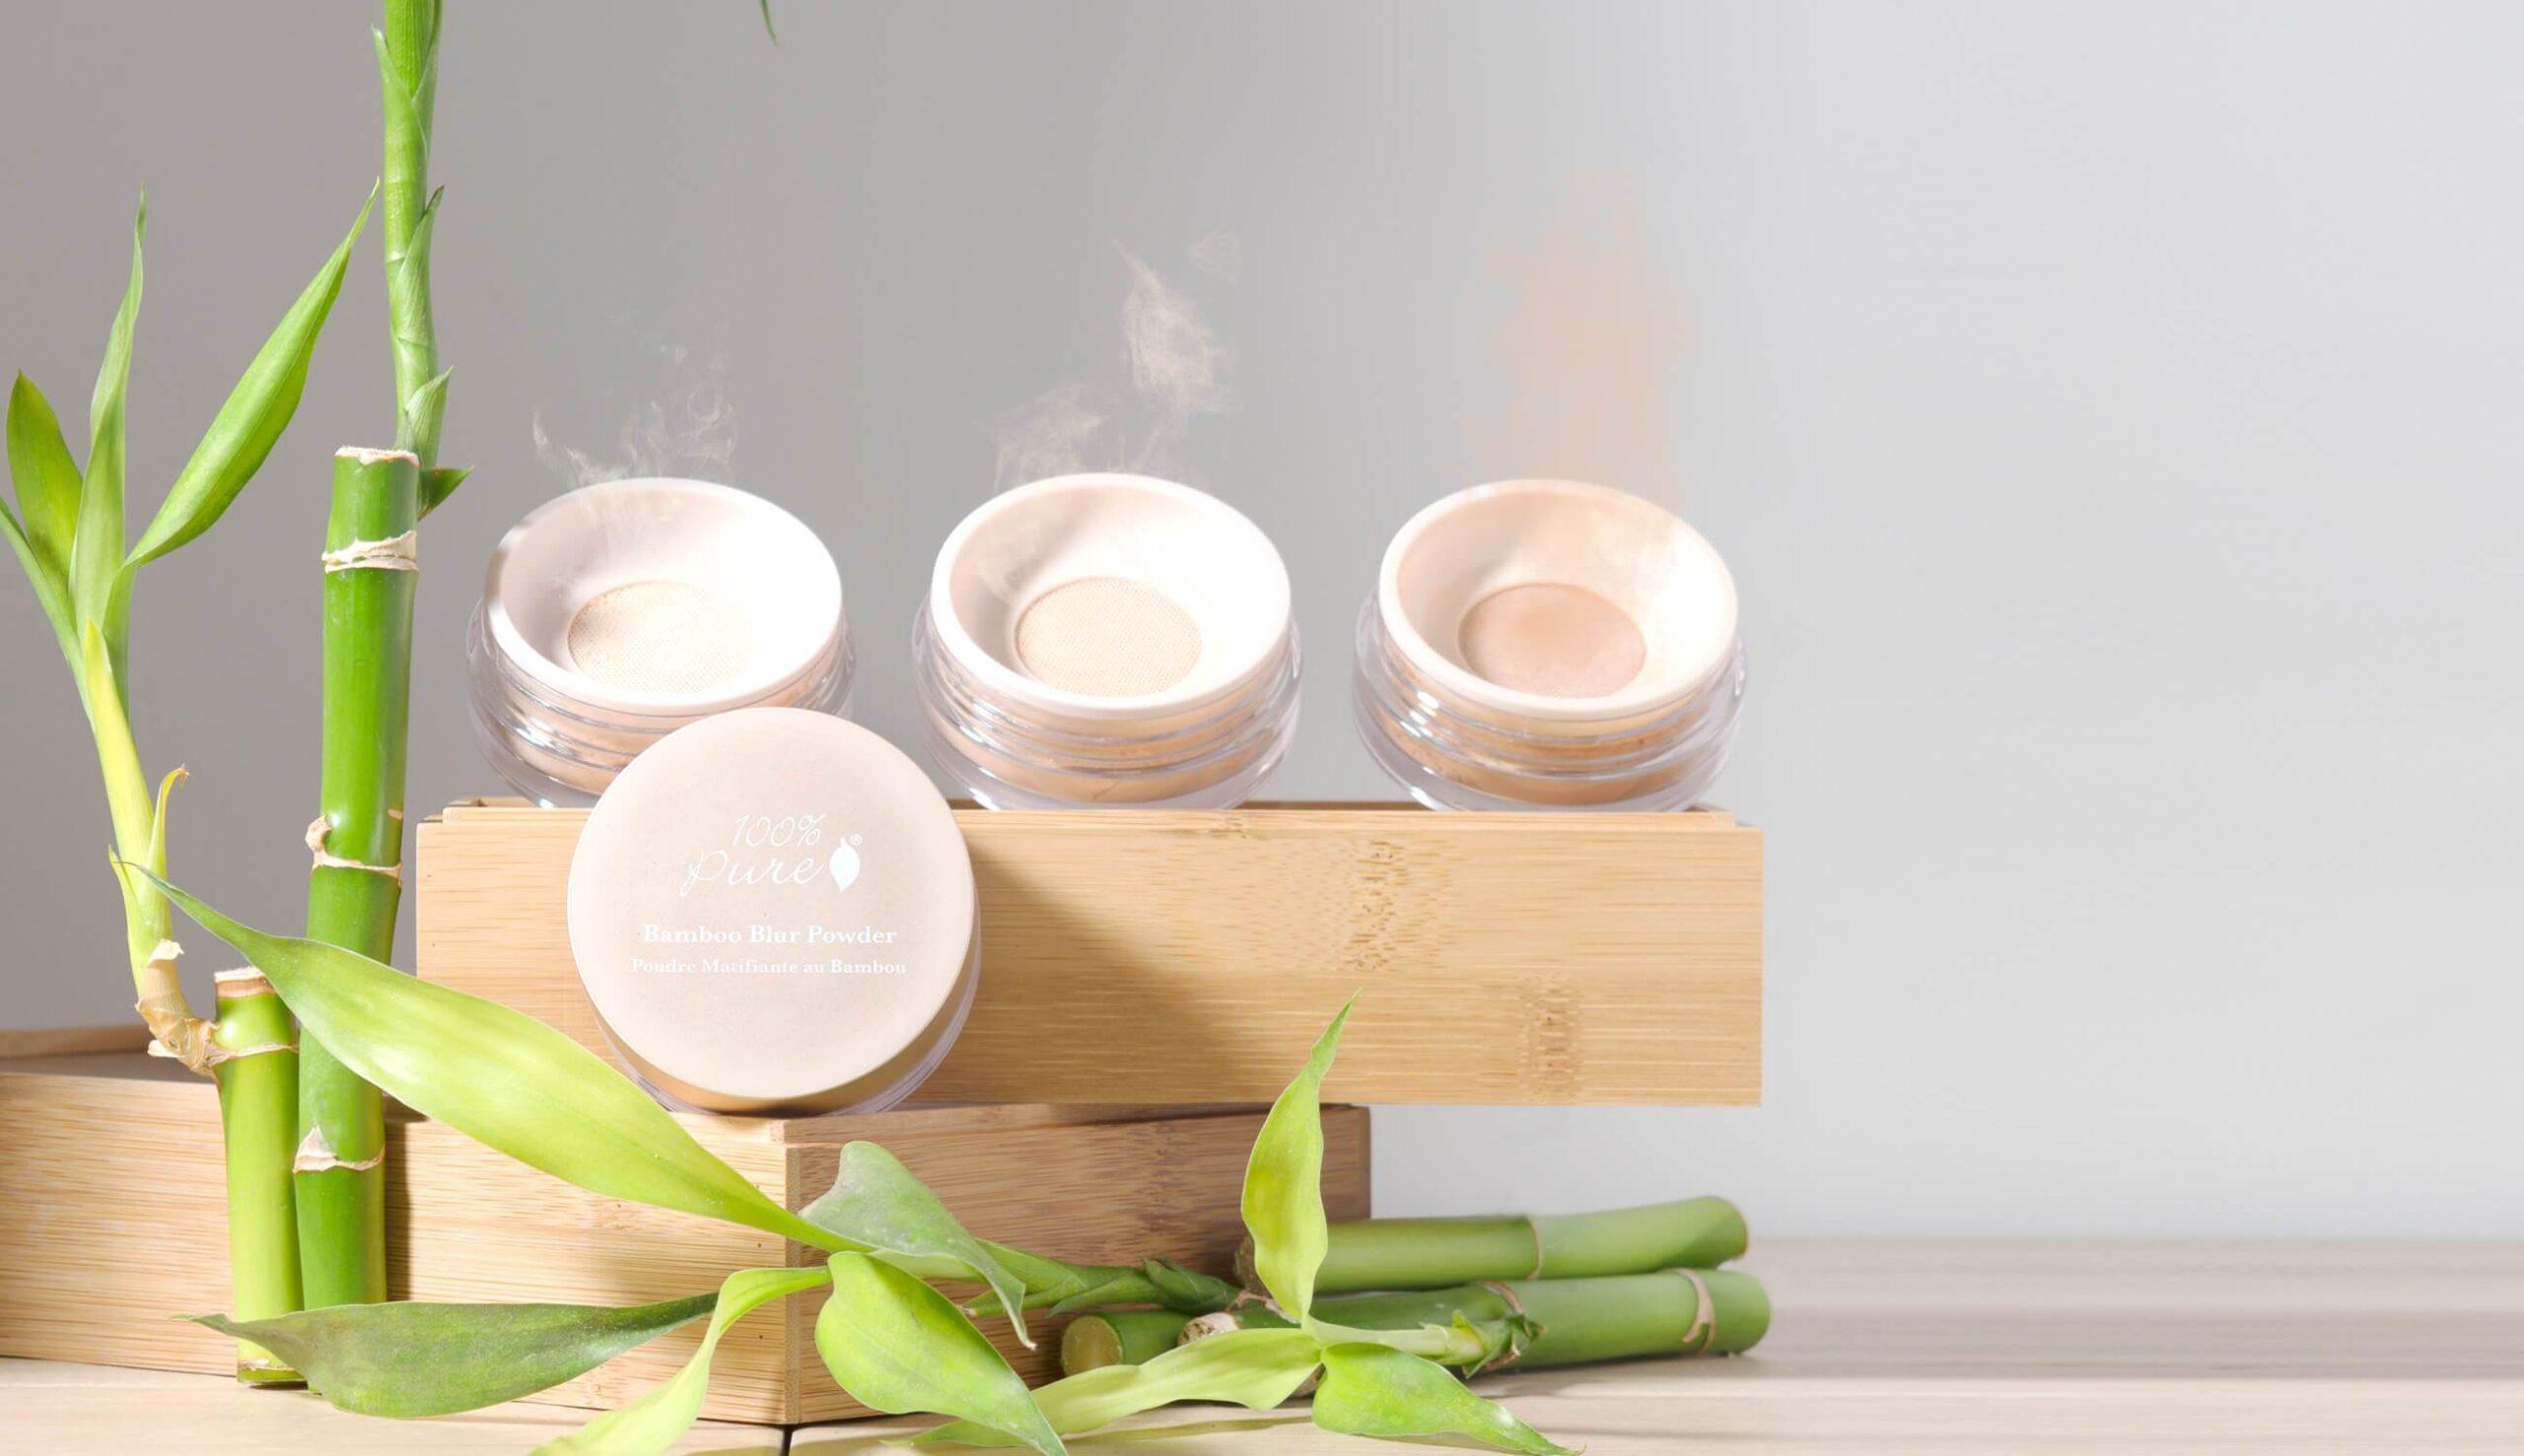 100% Pure Bamboo Blur Powder - Light - 5,5 gr